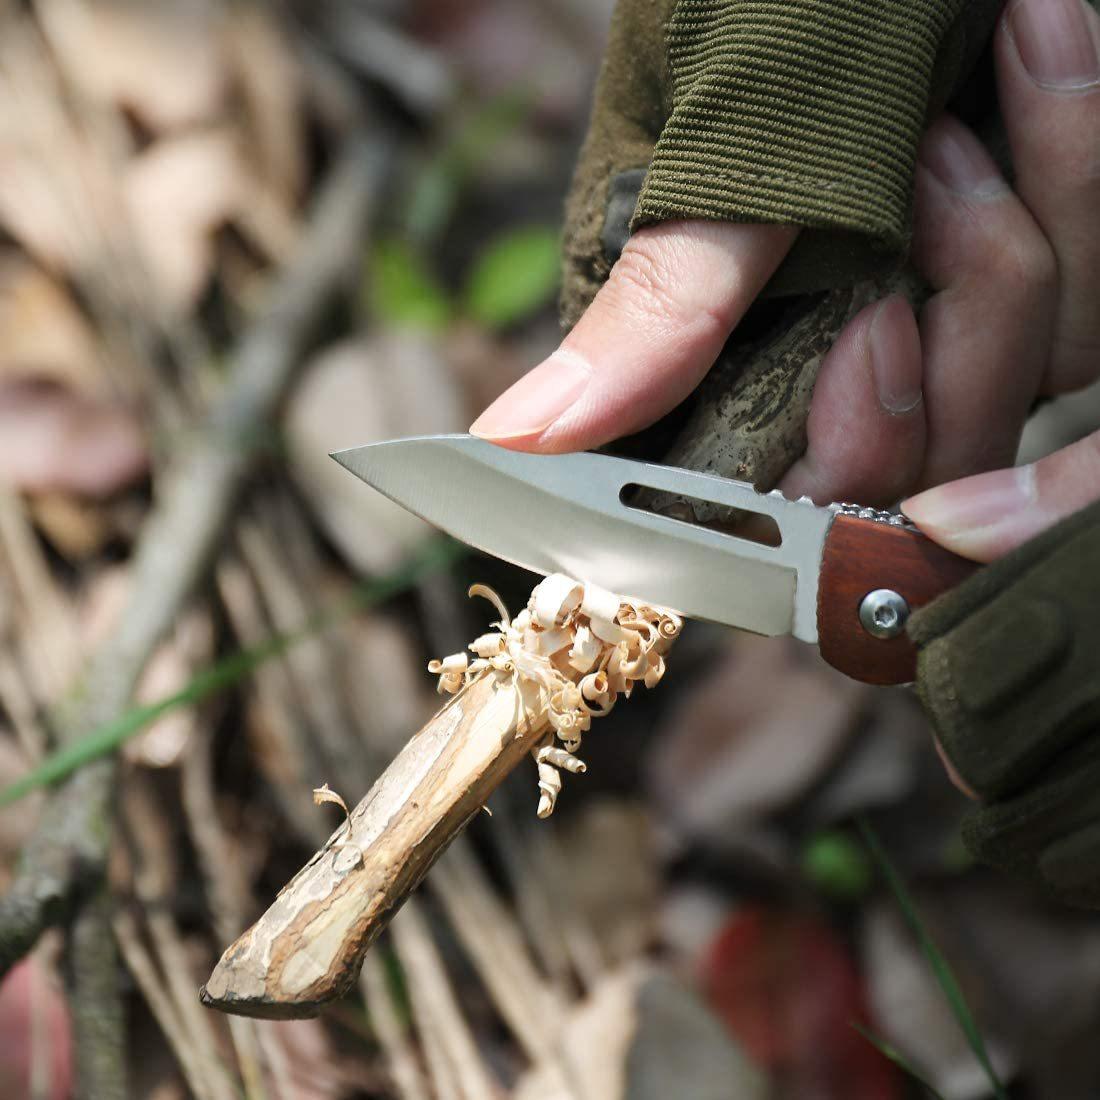 【送料無料】MOSSY OAK 折りたたみナイフ フォールディングナイフ 木製ハンドル ライナーロック付き アウトドア キャンプ 茶色 ブラウン